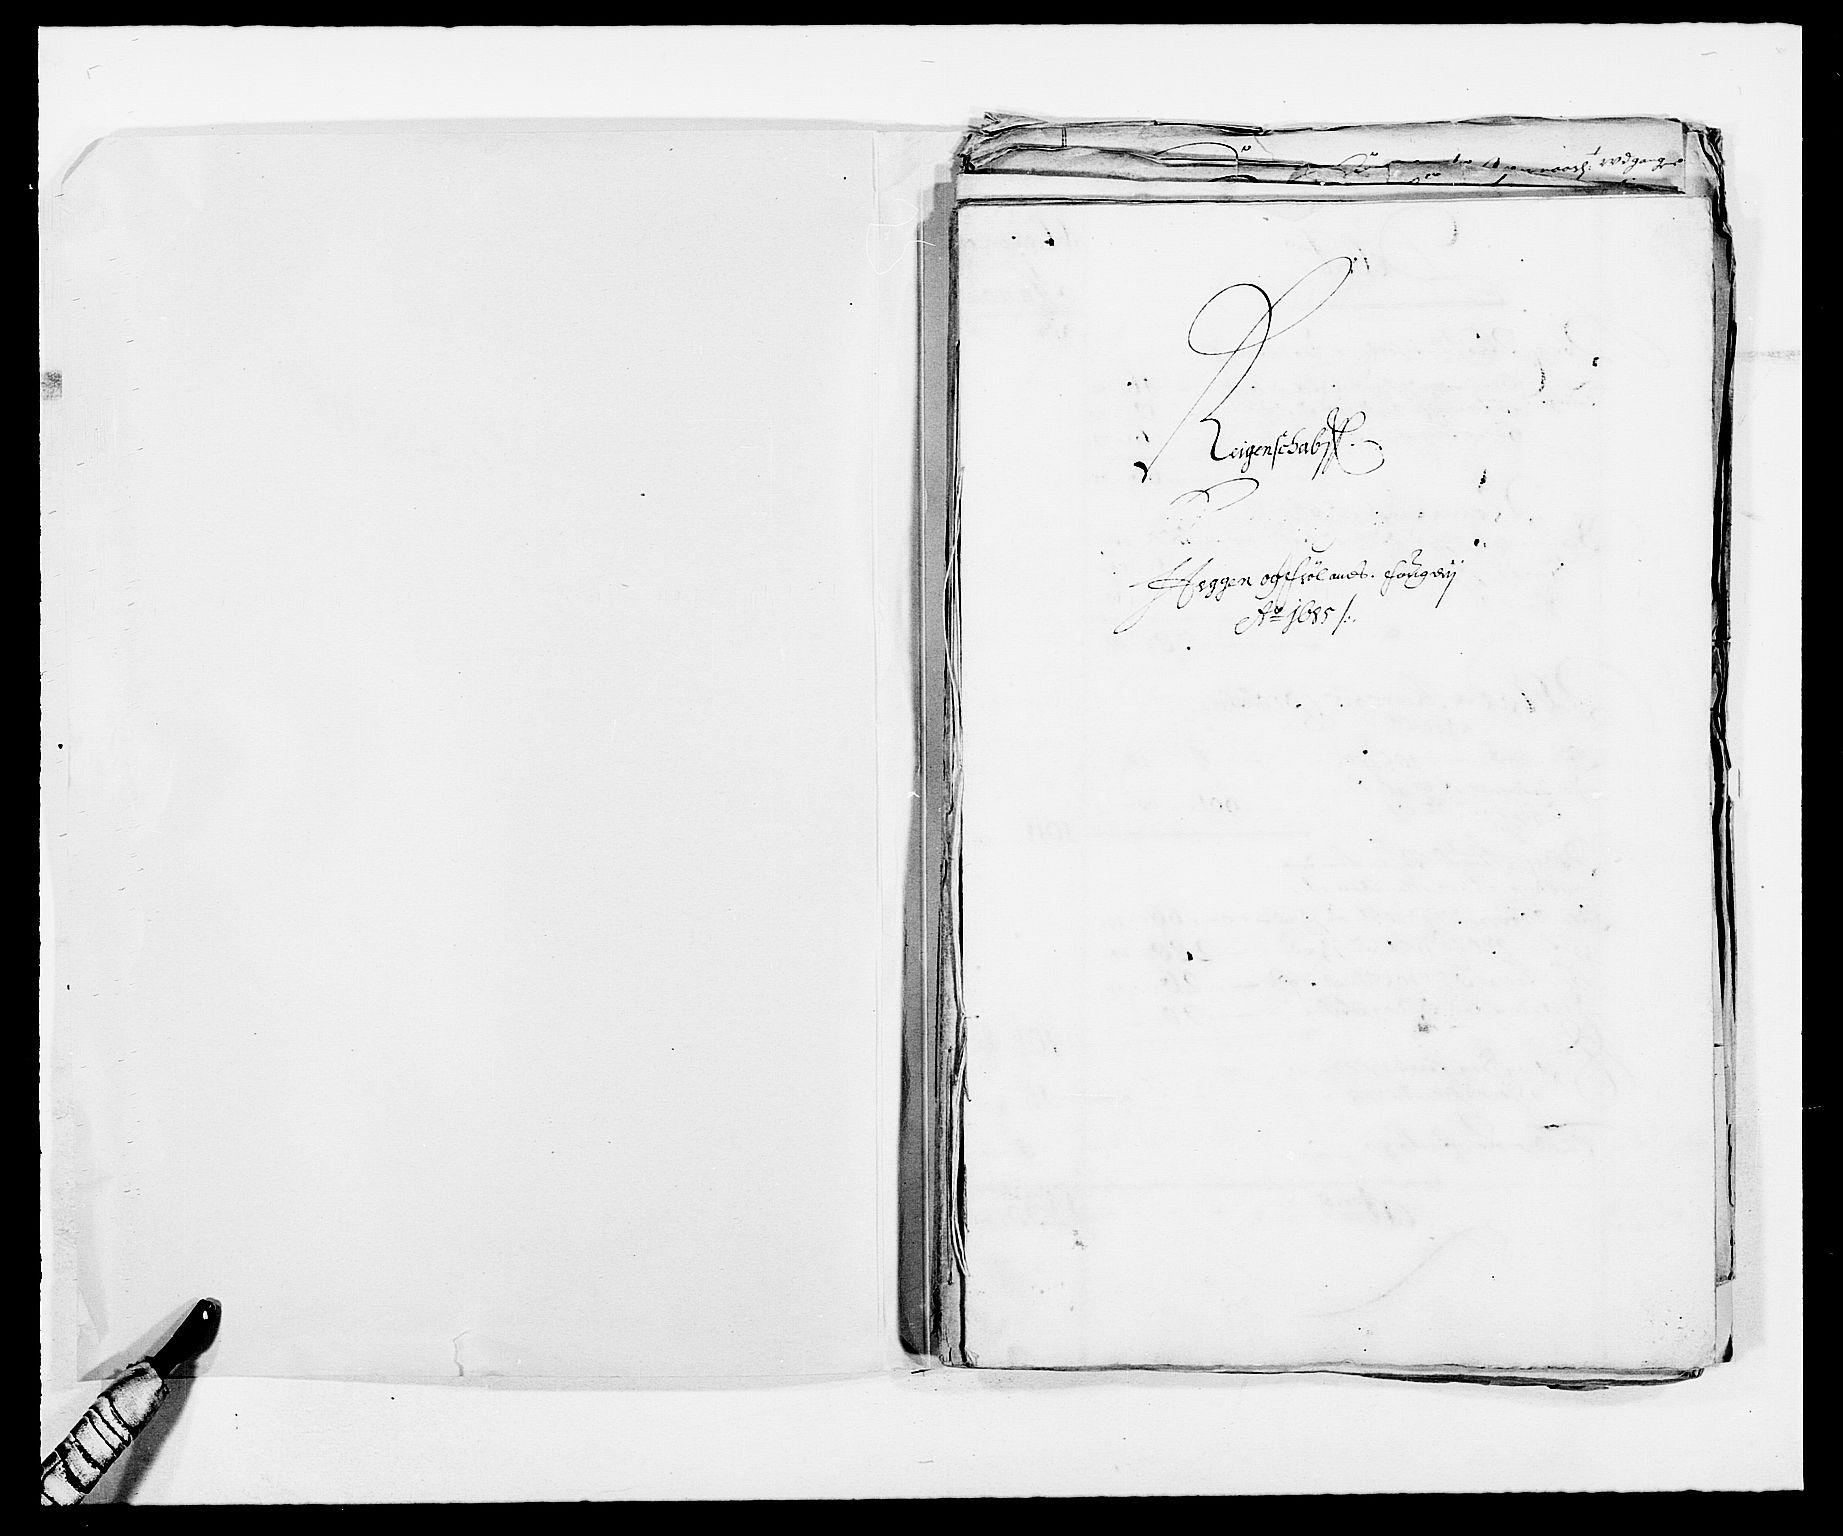 RA, Rentekammeret inntil 1814, Reviderte regnskaper, Fogderegnskap, R06/L0281: Fogderegnskap Heggen og Frøland, 1678-1686, s. 2